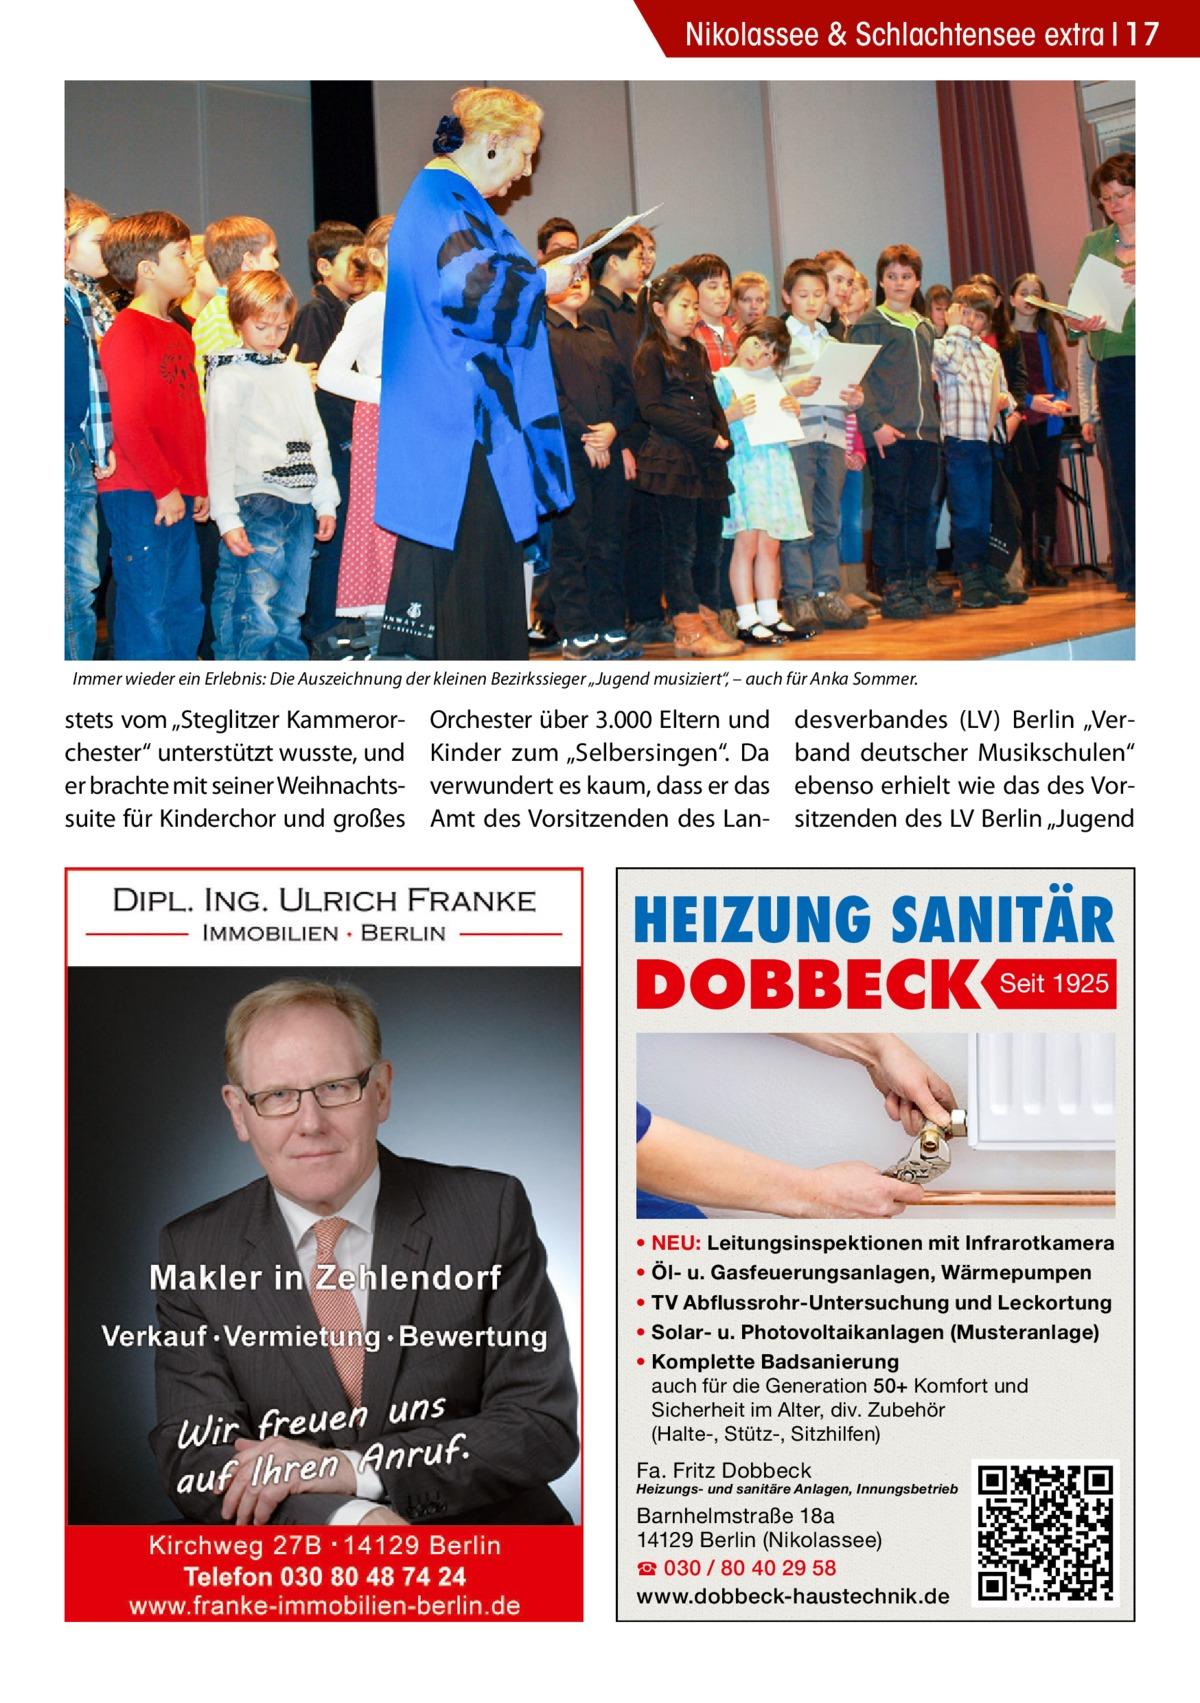 """Nikolassee & Schlachtensee extra 17  Immer wieder ein Erlebnis: Die Auszeichnung der kleinen Bezirkssieger """"Jugend musiziert"""", – auch für Anka Sommer.  stets vom """"Steglitzer Kammerorchester"""" unterstützt wusste, und er brachte mit seiner Weihnachtssuite für Kinderchor und großes  Orchester über 3.000 Eltern und Kinder zum """"Selbersingen"""". Da verwundert es kaum, dass er das Amt des Vorsitzenden des Lan desverbandes (LV) Berlin """"Verband deutscher Musikschulen"""" ebenso erhielt wie das des Vorsitzenden des LV Berlin """"Jugend  HEIZUNG SANITÄR  DOBBECK  Seit 1925  • NEU: Leitungsinspektionen mit Infrarotkamera • Öl- u. Gasfeuerungsanlagen, Wärmepumpen • TV Abflussrohr-Untersuchung und Leckortung • Solar- u. Photovoltaikanlagen (Musteranlage) • Komplette Badsanierung auch für die Generation 50+ Komfort und Sicherheit im Alter, div. Zubehör (Halte-, Stütz-, Sitzhilfen)  Fa. Fritz Dobbeck  Heizungs- und sanitäre Anlagen, Innungsbetrieb  Barnhelmstraße 18a 14129 Berlin (Nikolassee) ☎ 030 / 80 40 29 58 www.dobbeck-haustechnik.de"""